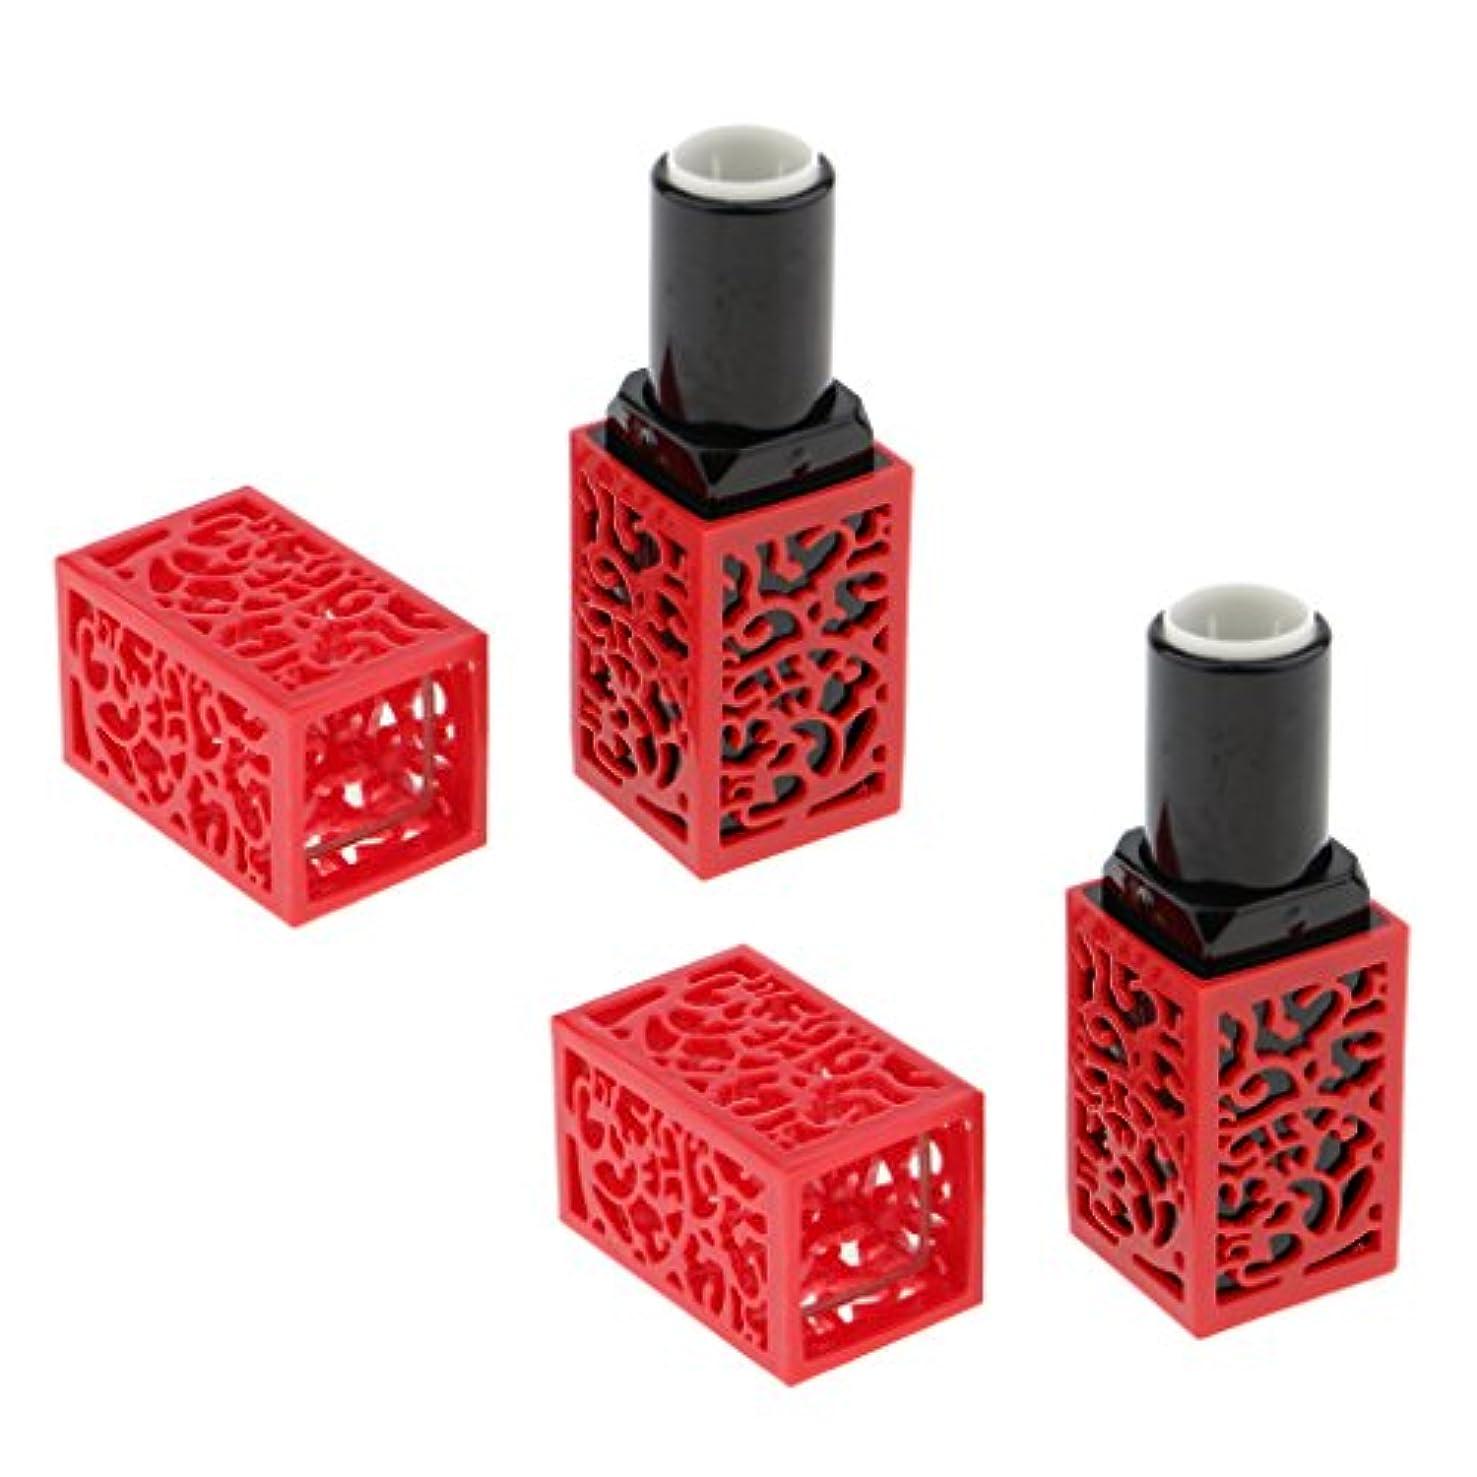 カブテザー地平線Sharplace おしゃれ 口紅チューブ リップスティックチューブ 内径1.21cm 金型 手作り 2個 全2色 - 赤